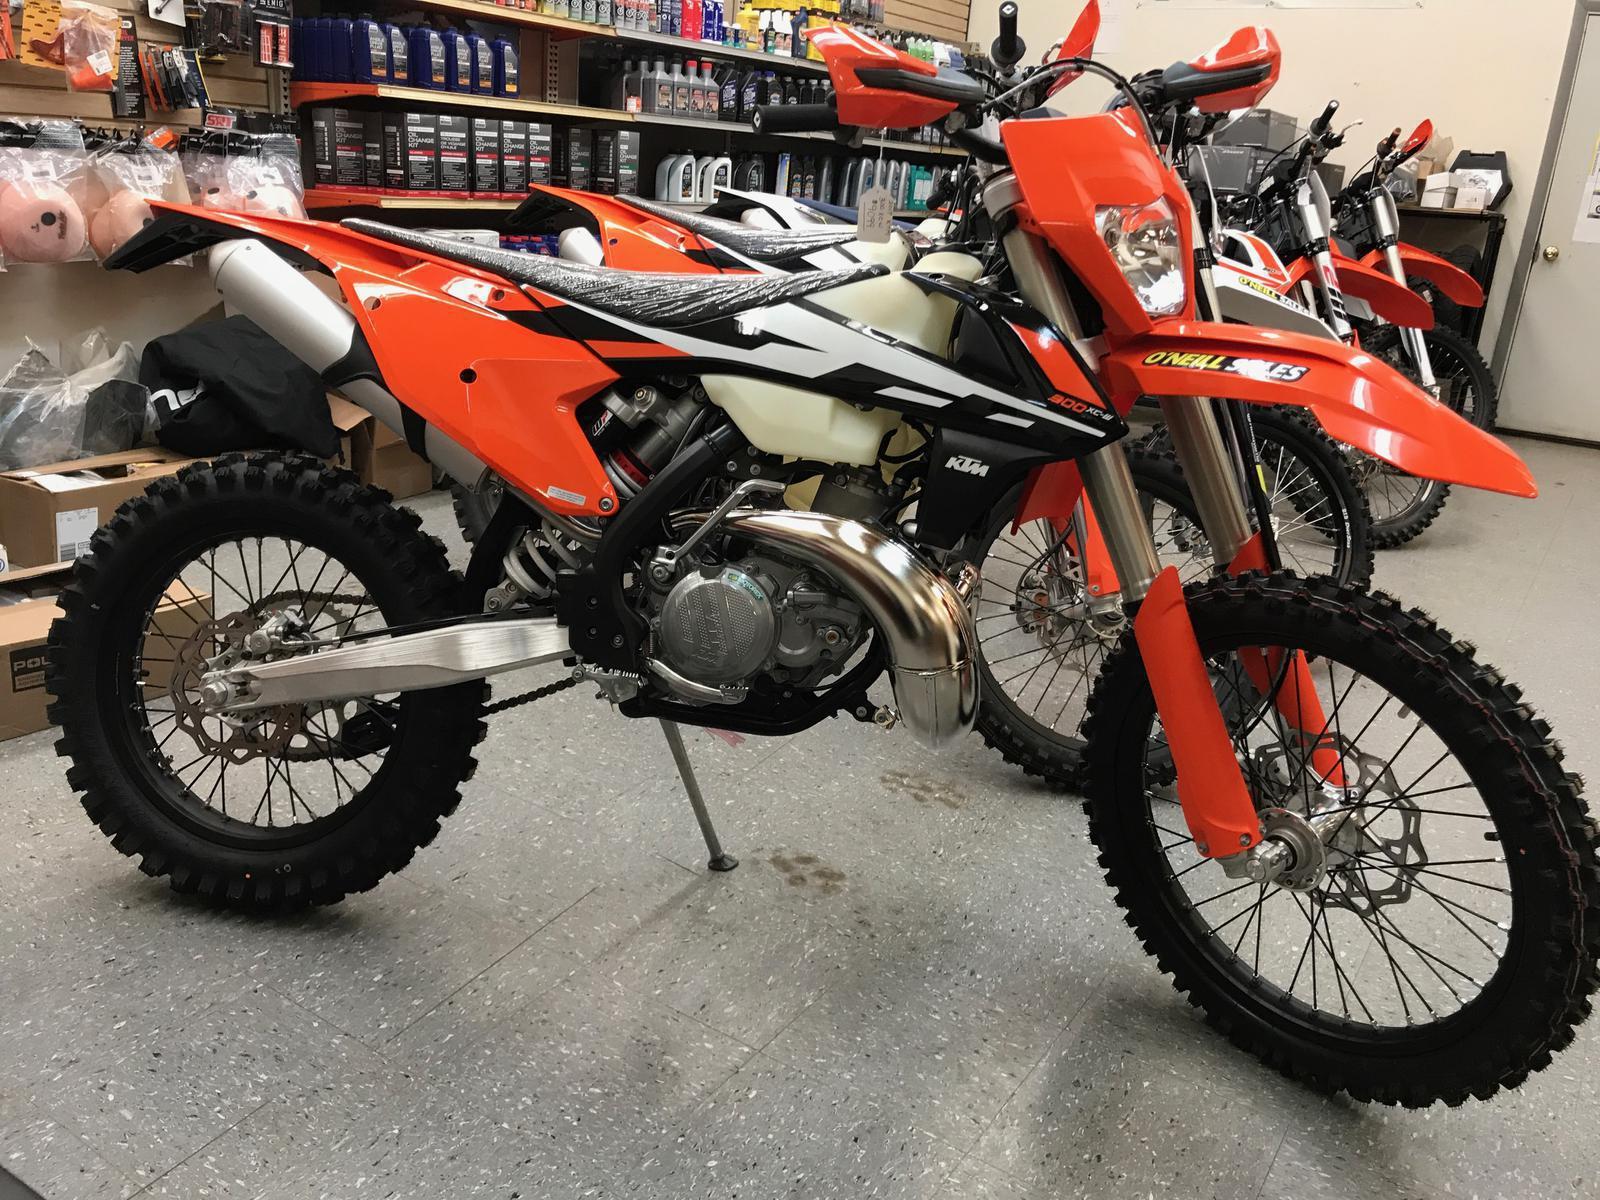 2017 ktm 300 xc-w for sale in farmington, ny. o'neill sales